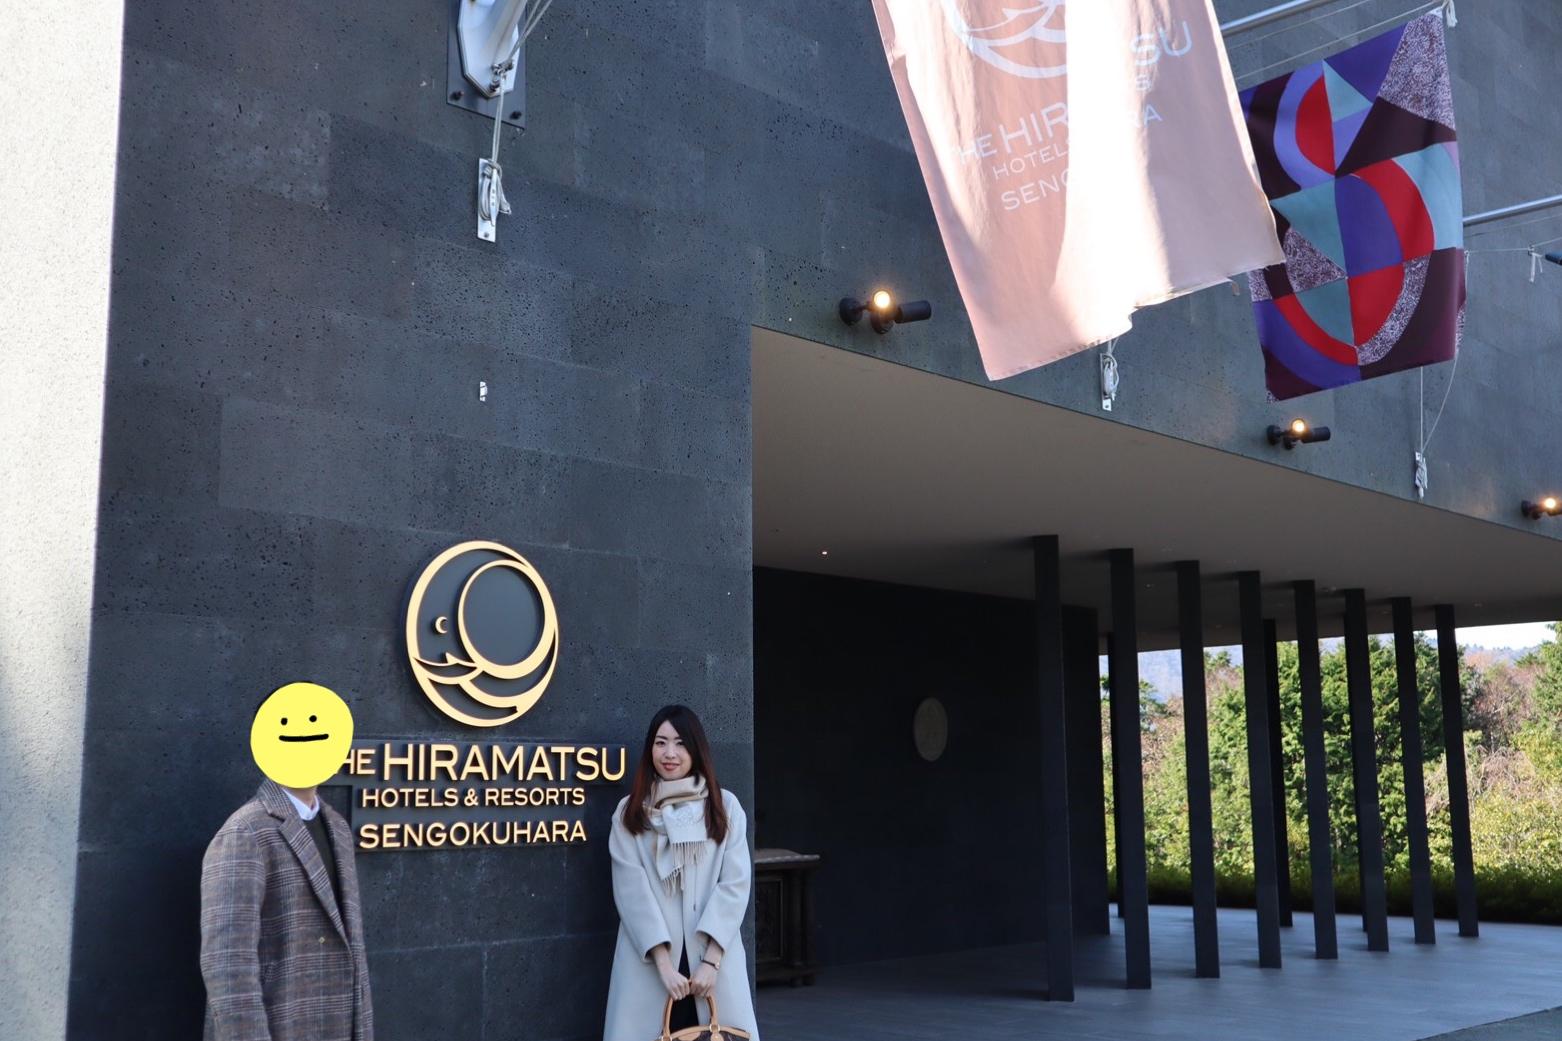 【箱根】特別な日にぴったり《THE HIRAMATSU HOTELS & RESORTS 仙石原》へ行きました〜お部屋編〜_1